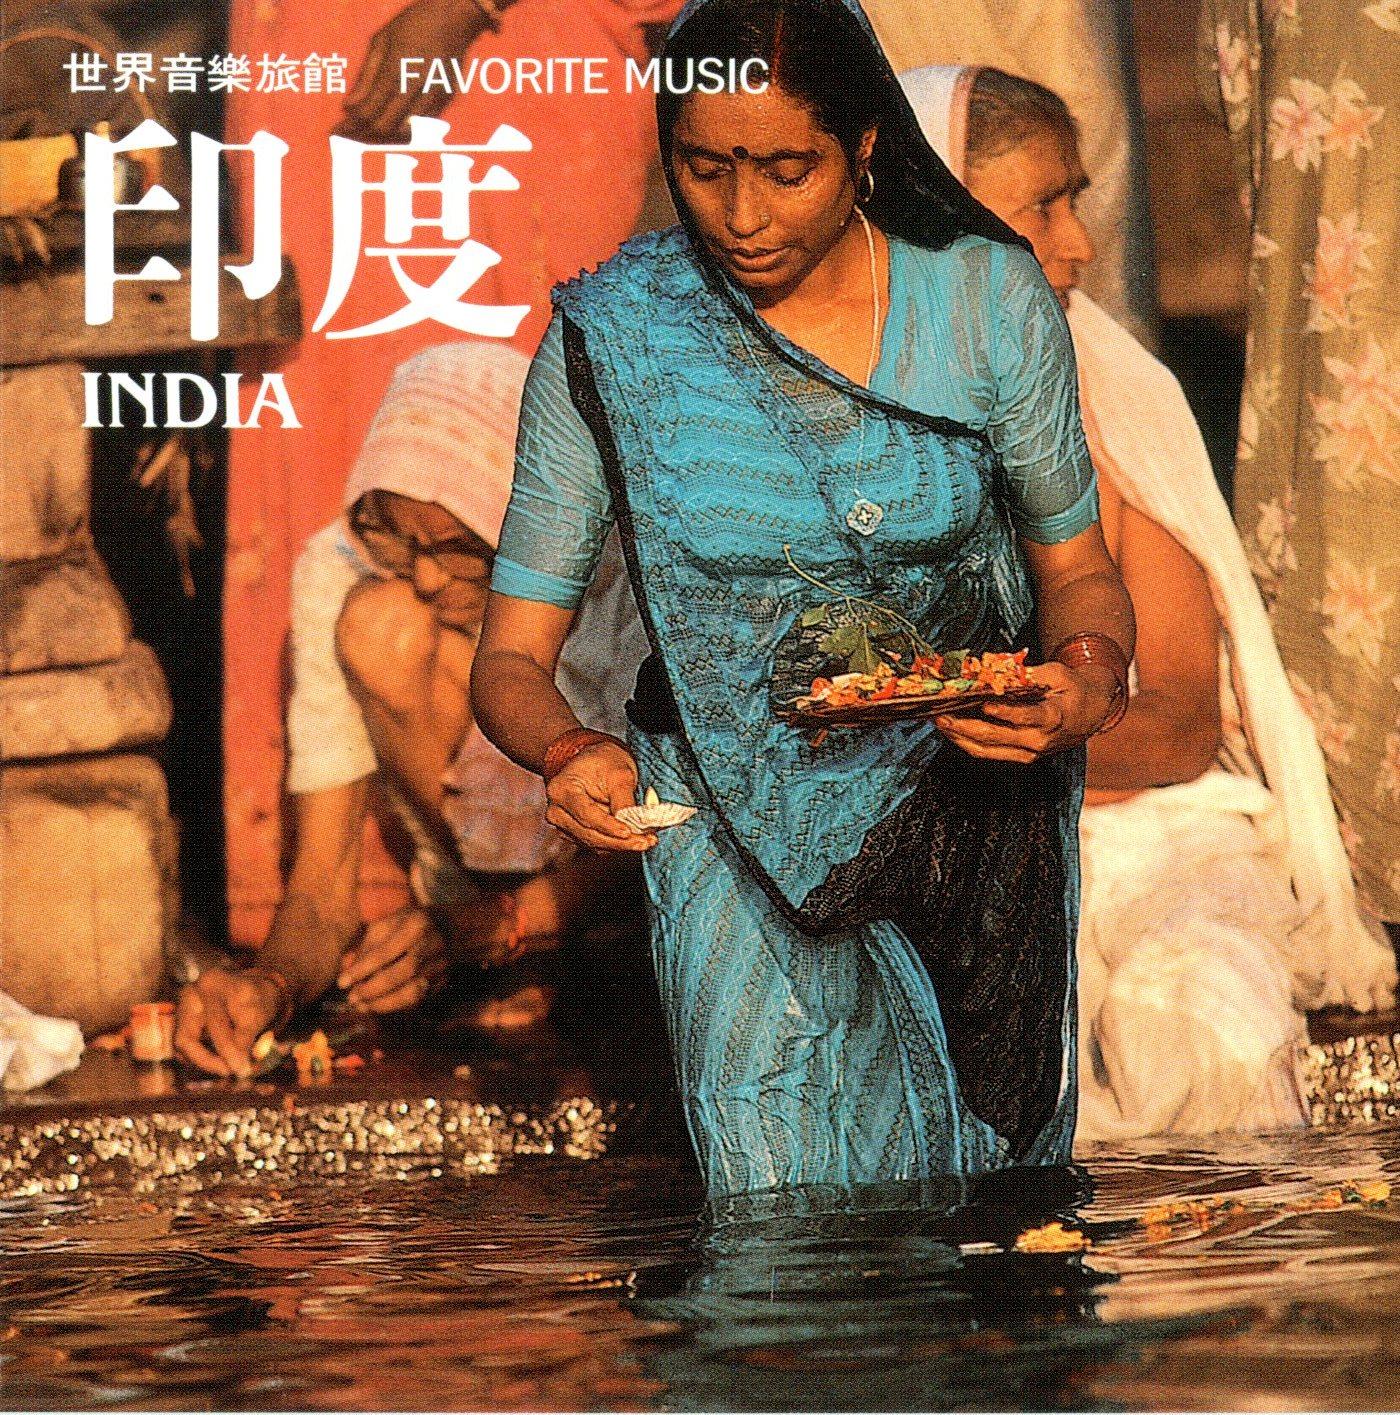 世界音樂旅館 印度 = India